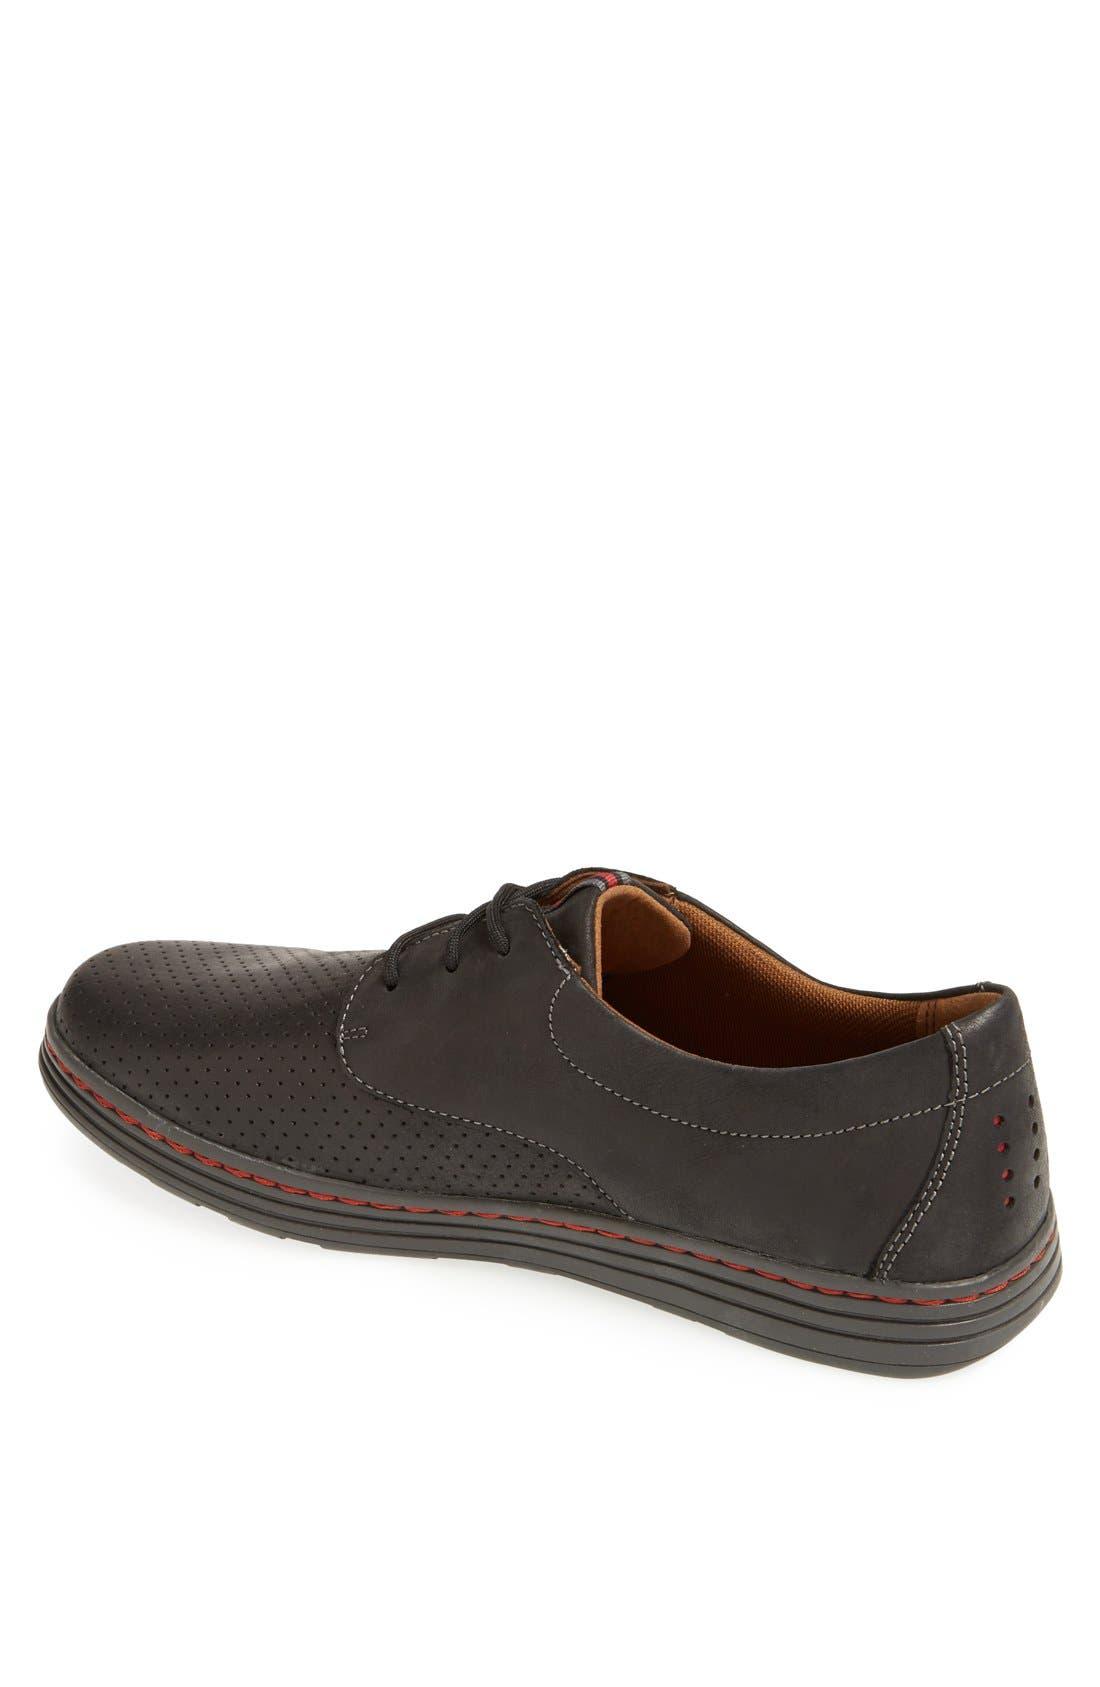 DUNHAM,                             'Camden' Sneaker,                             Alternate thumbnail 4, color,                             014